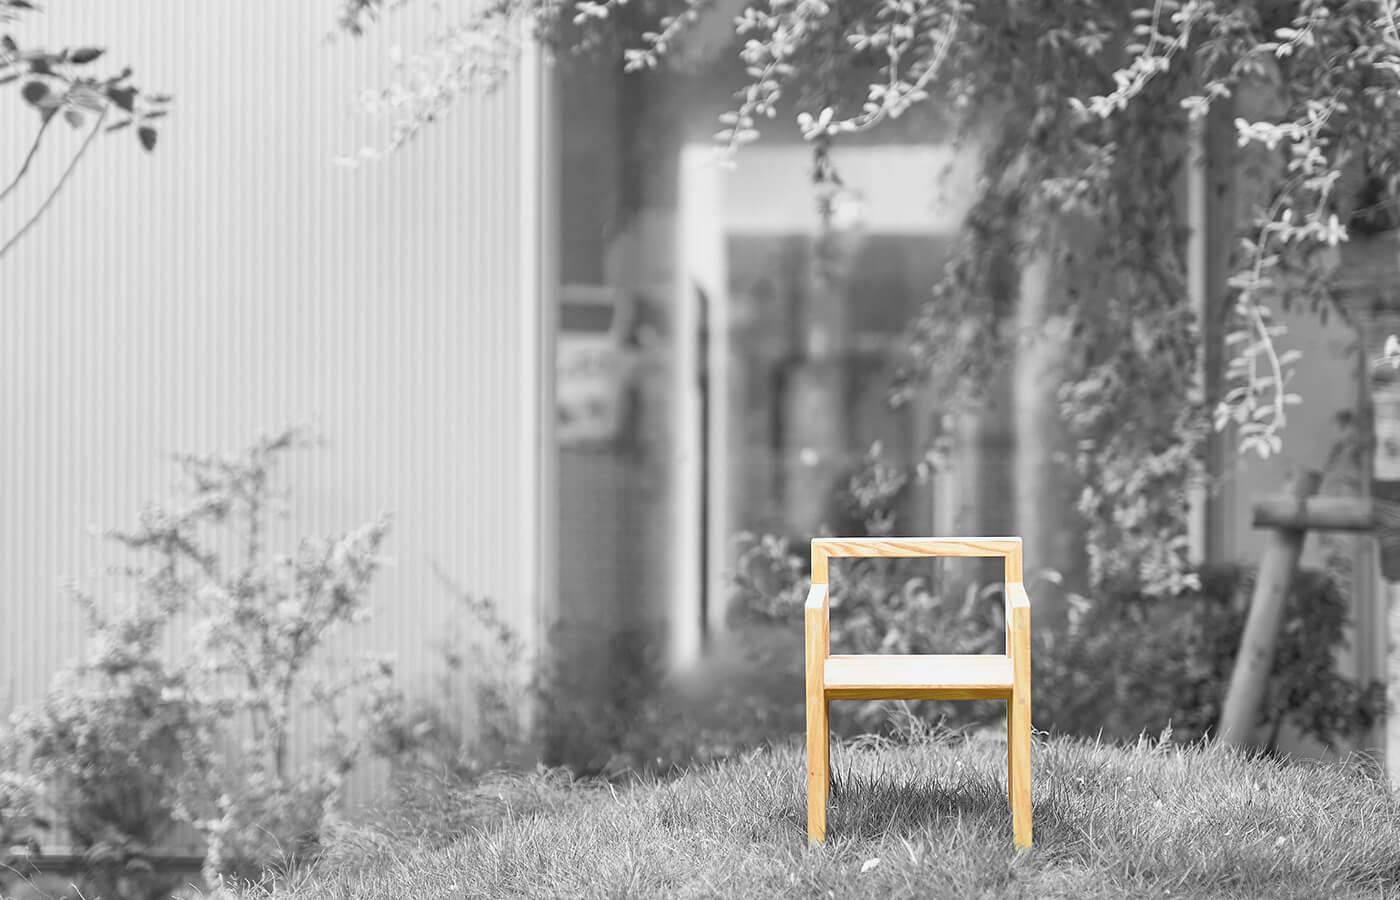 草木の中に椅子が佇む写真